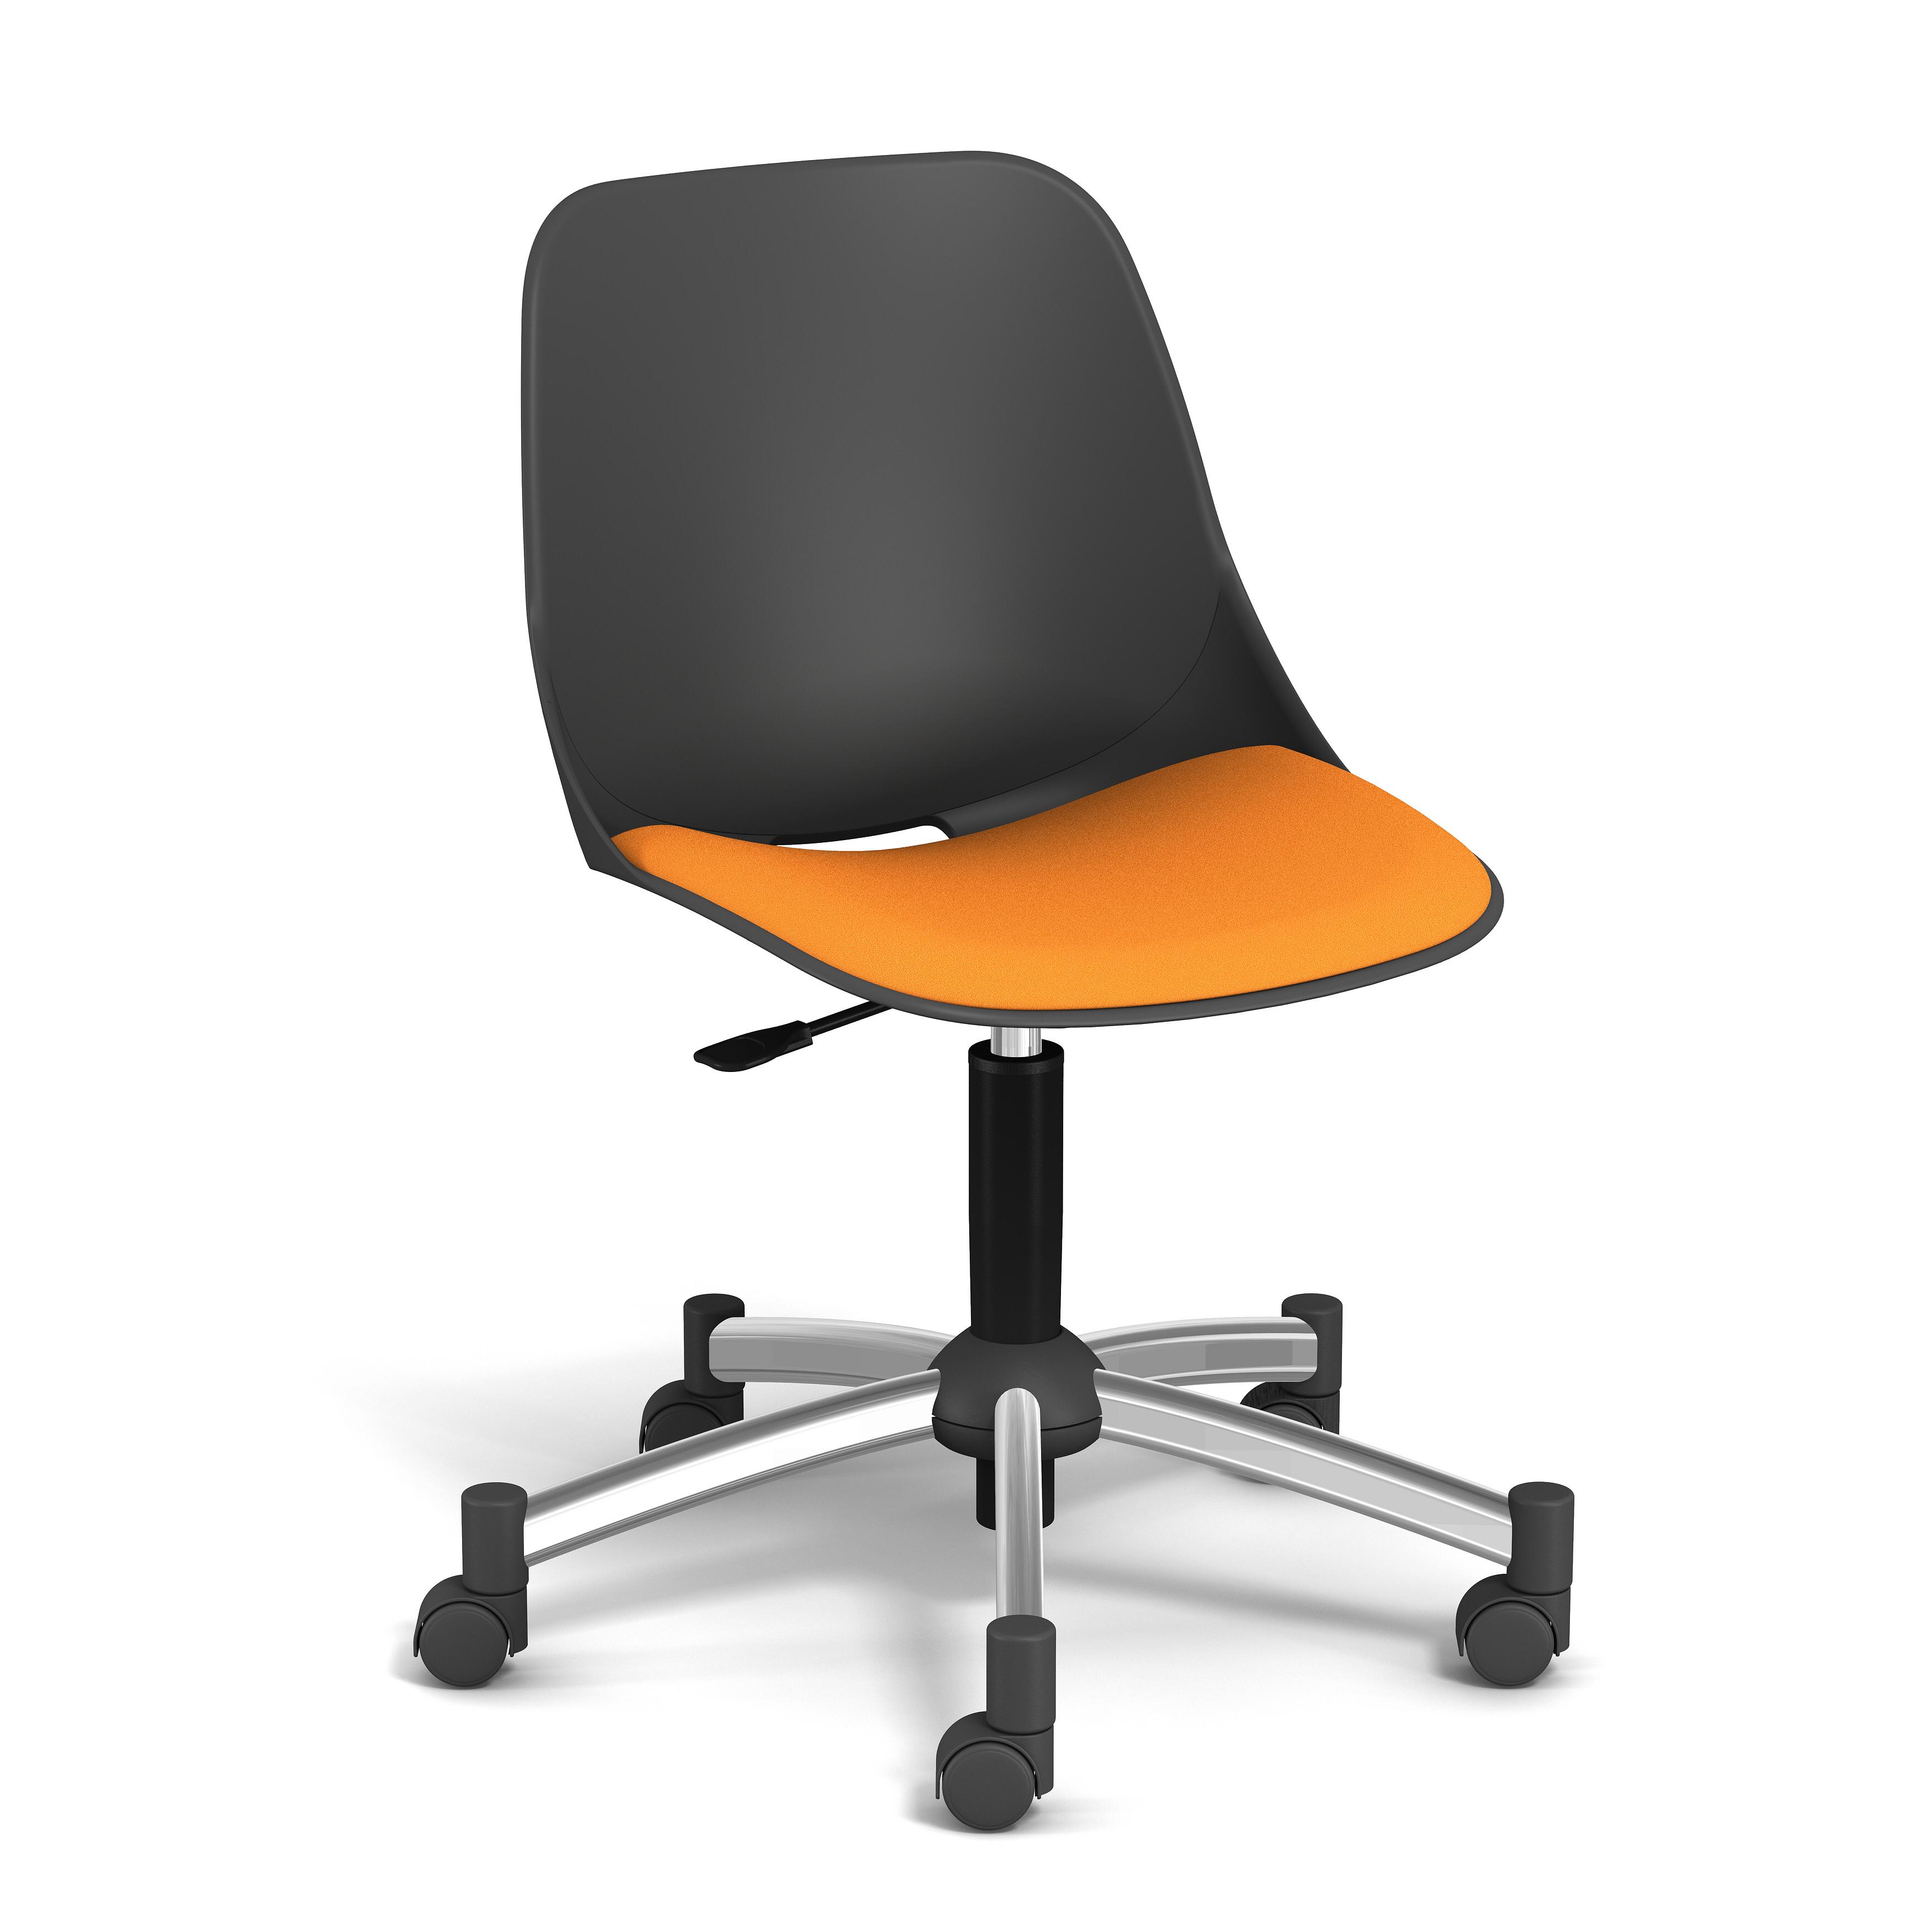 Chaise PALM - coque noire - assise mandarine - base chromé